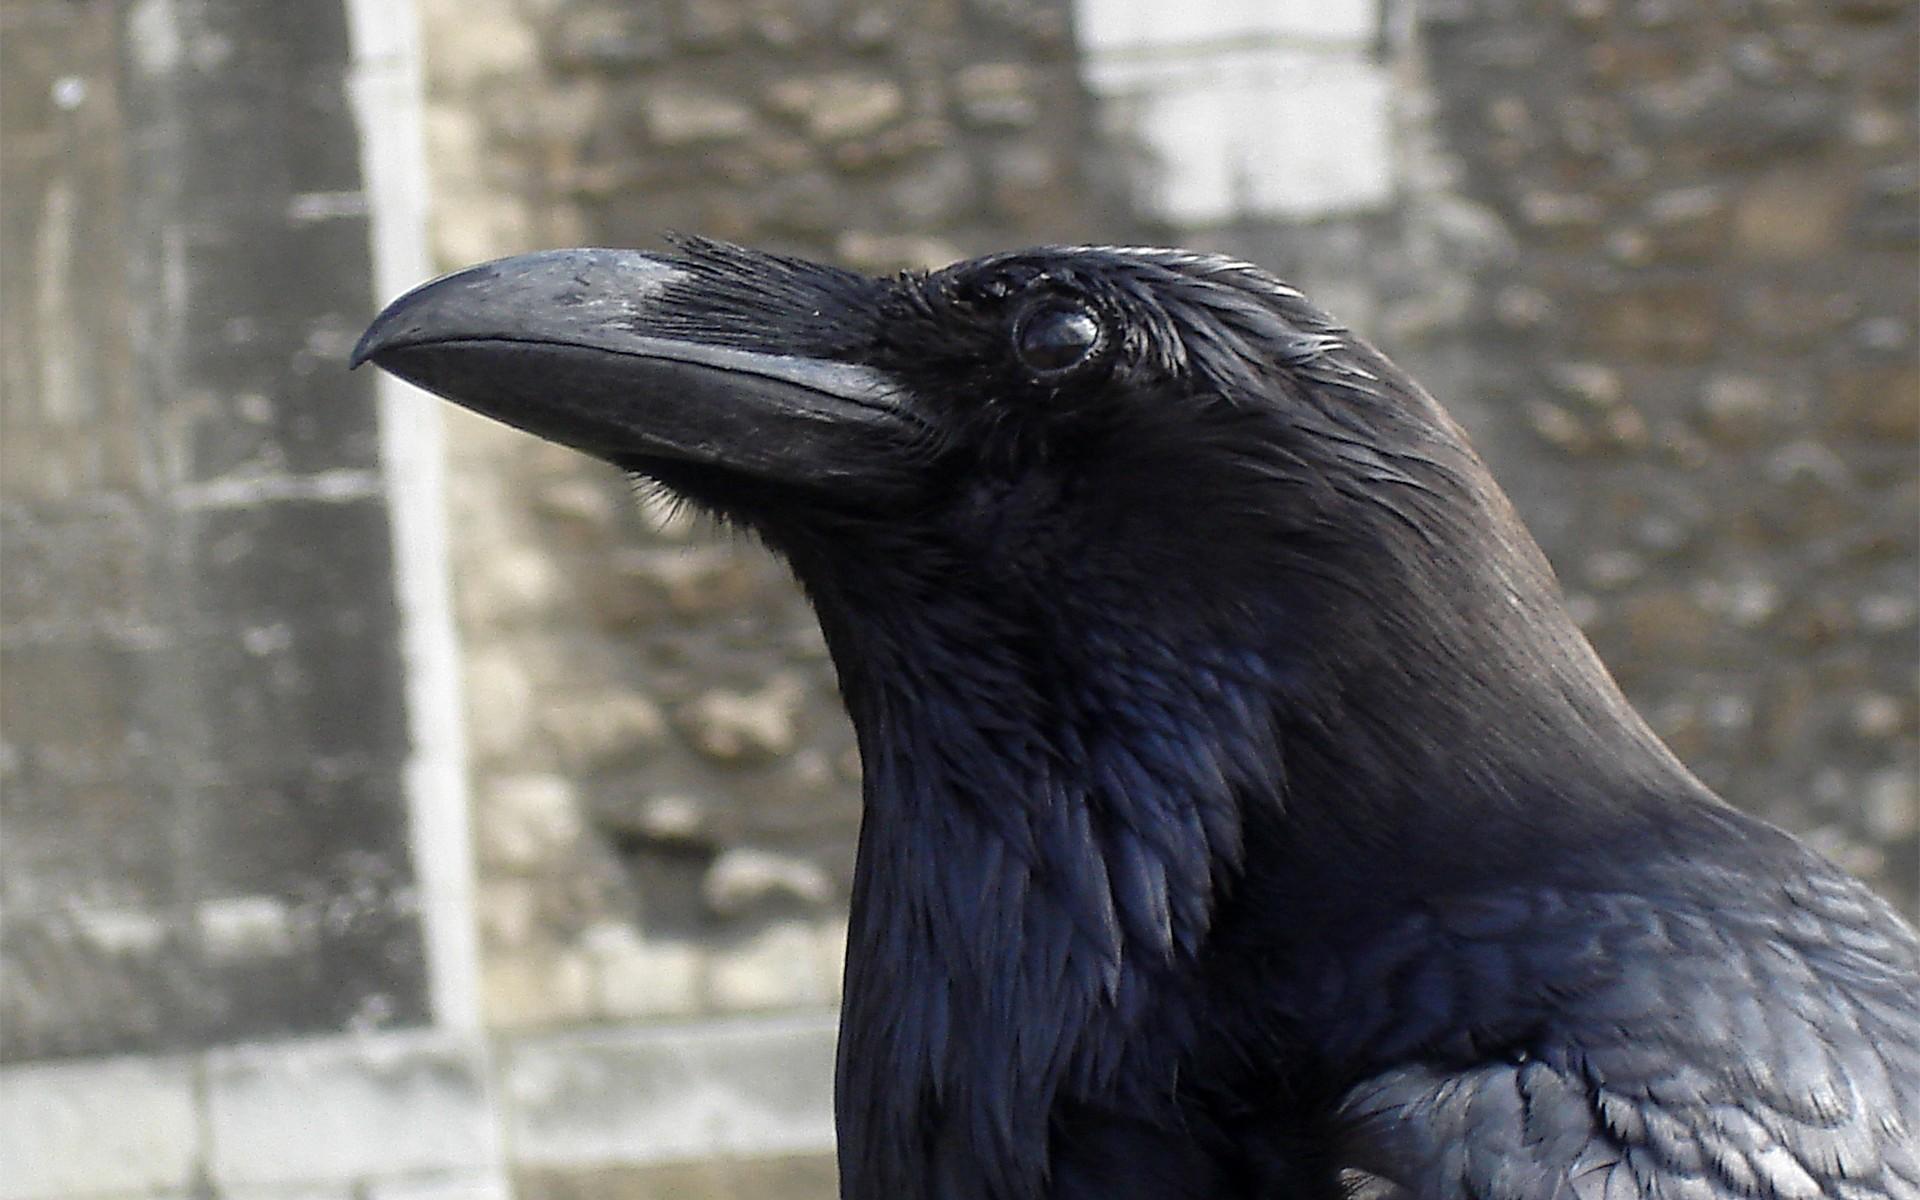 птица ворон фото на рабочий стол базе роспатента